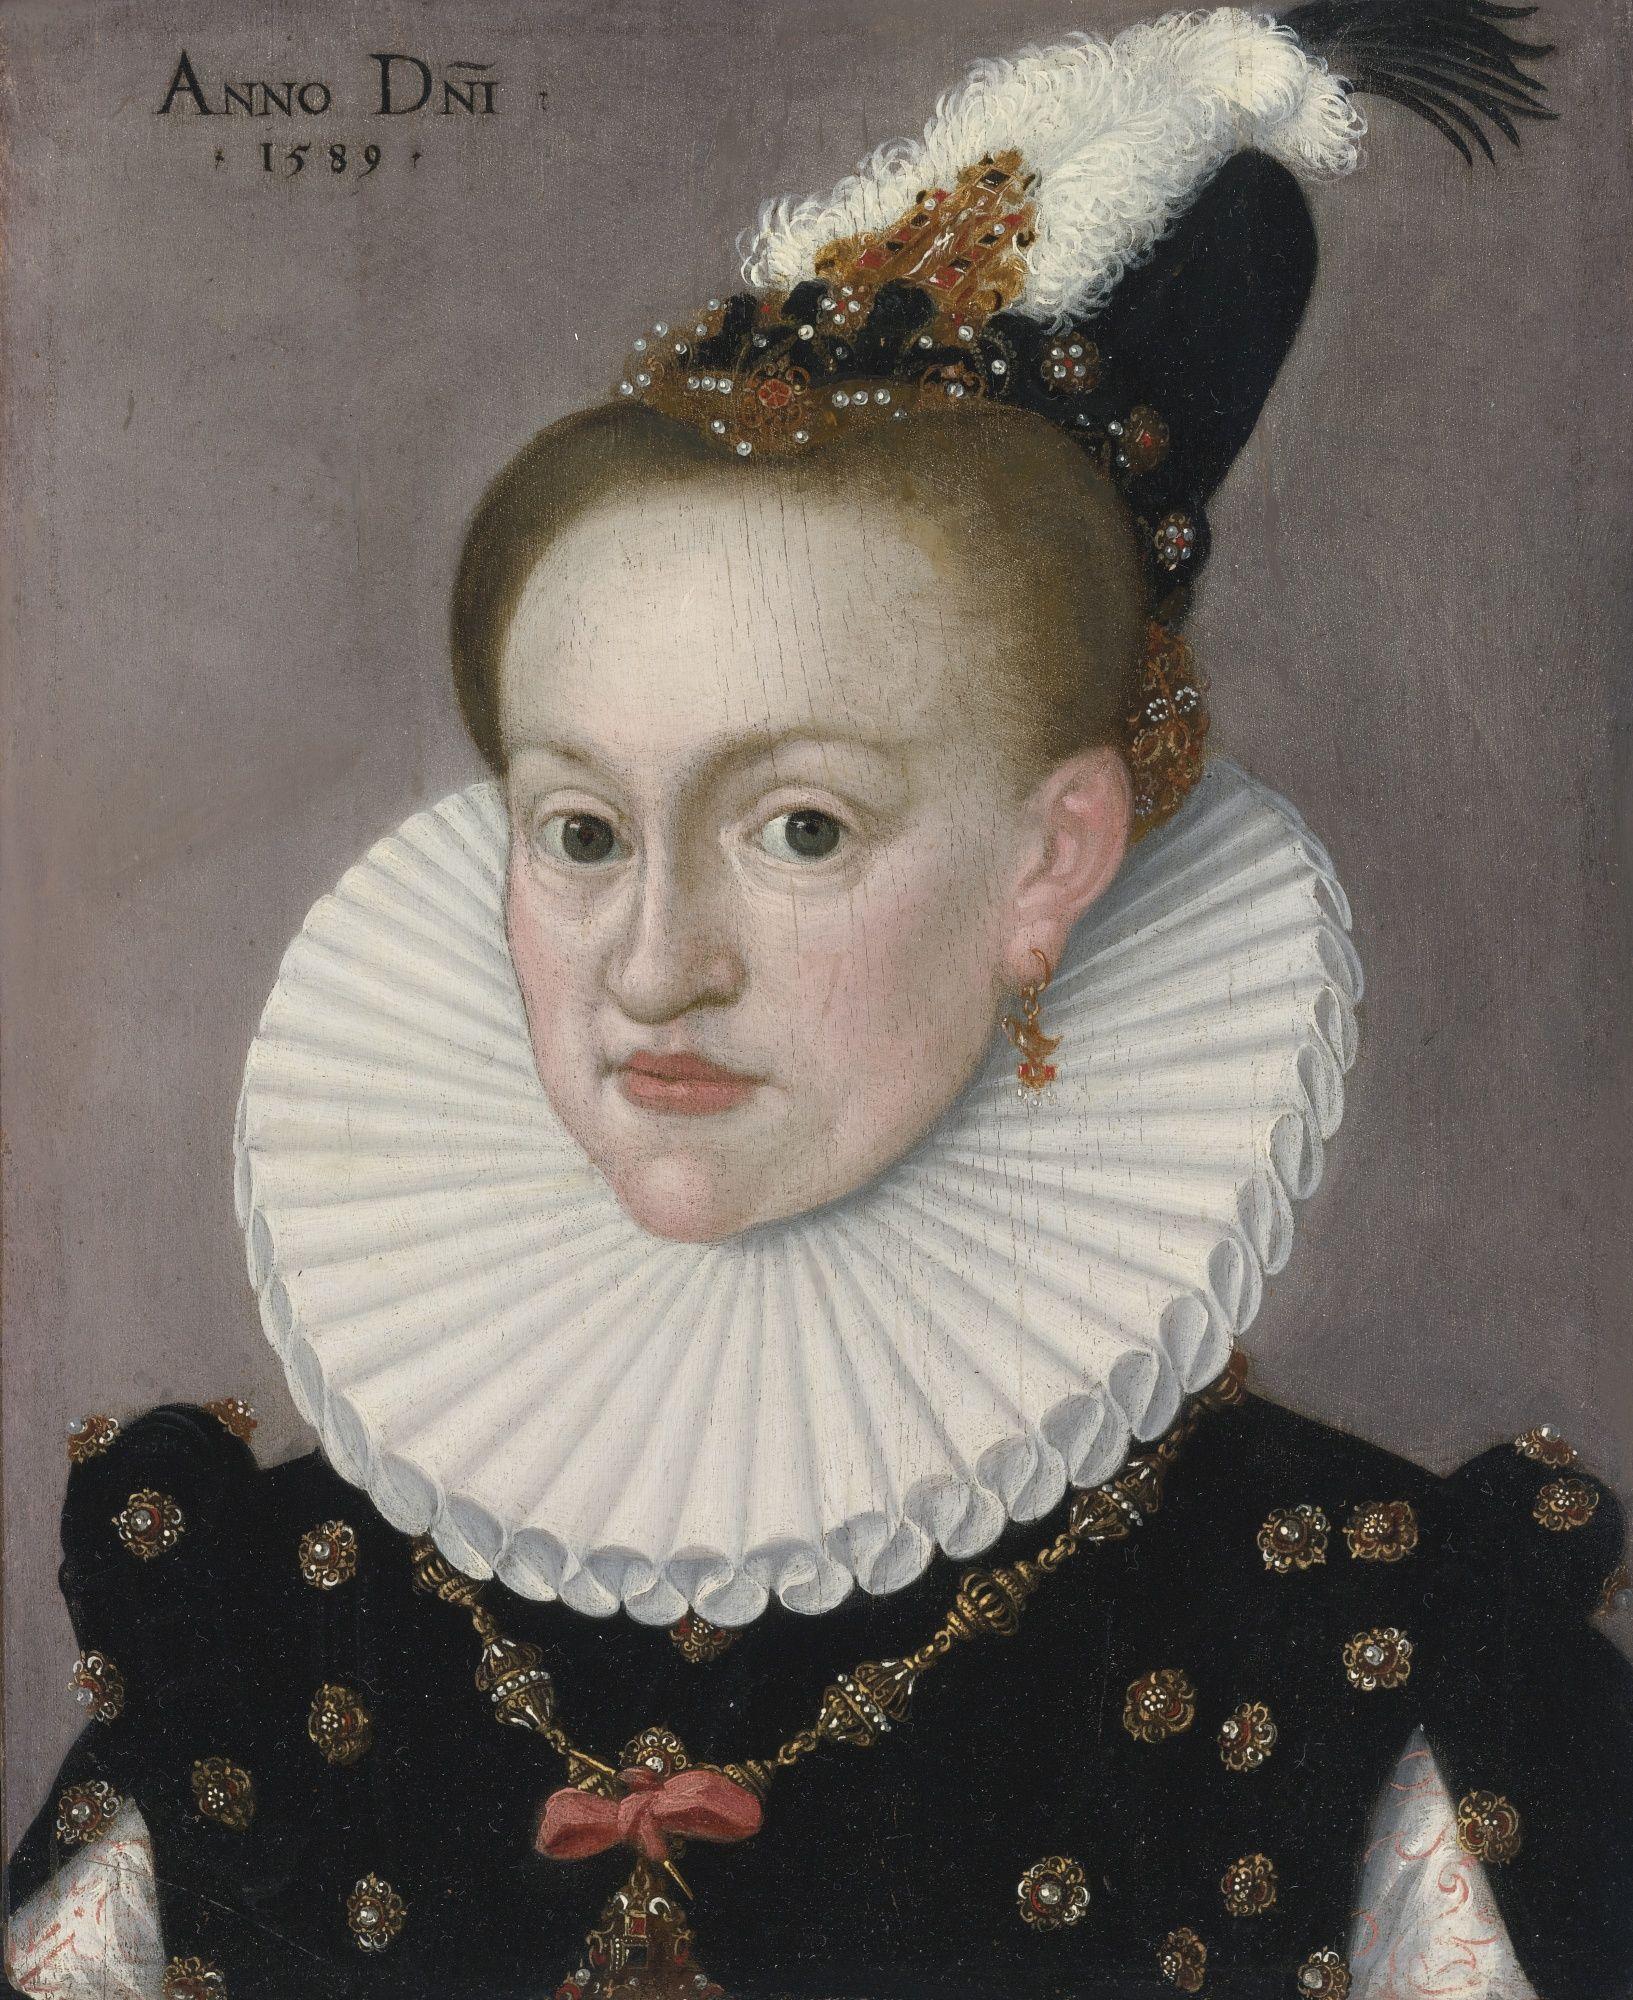 Retrato de una Dama. Escuela Alemana, 1589.